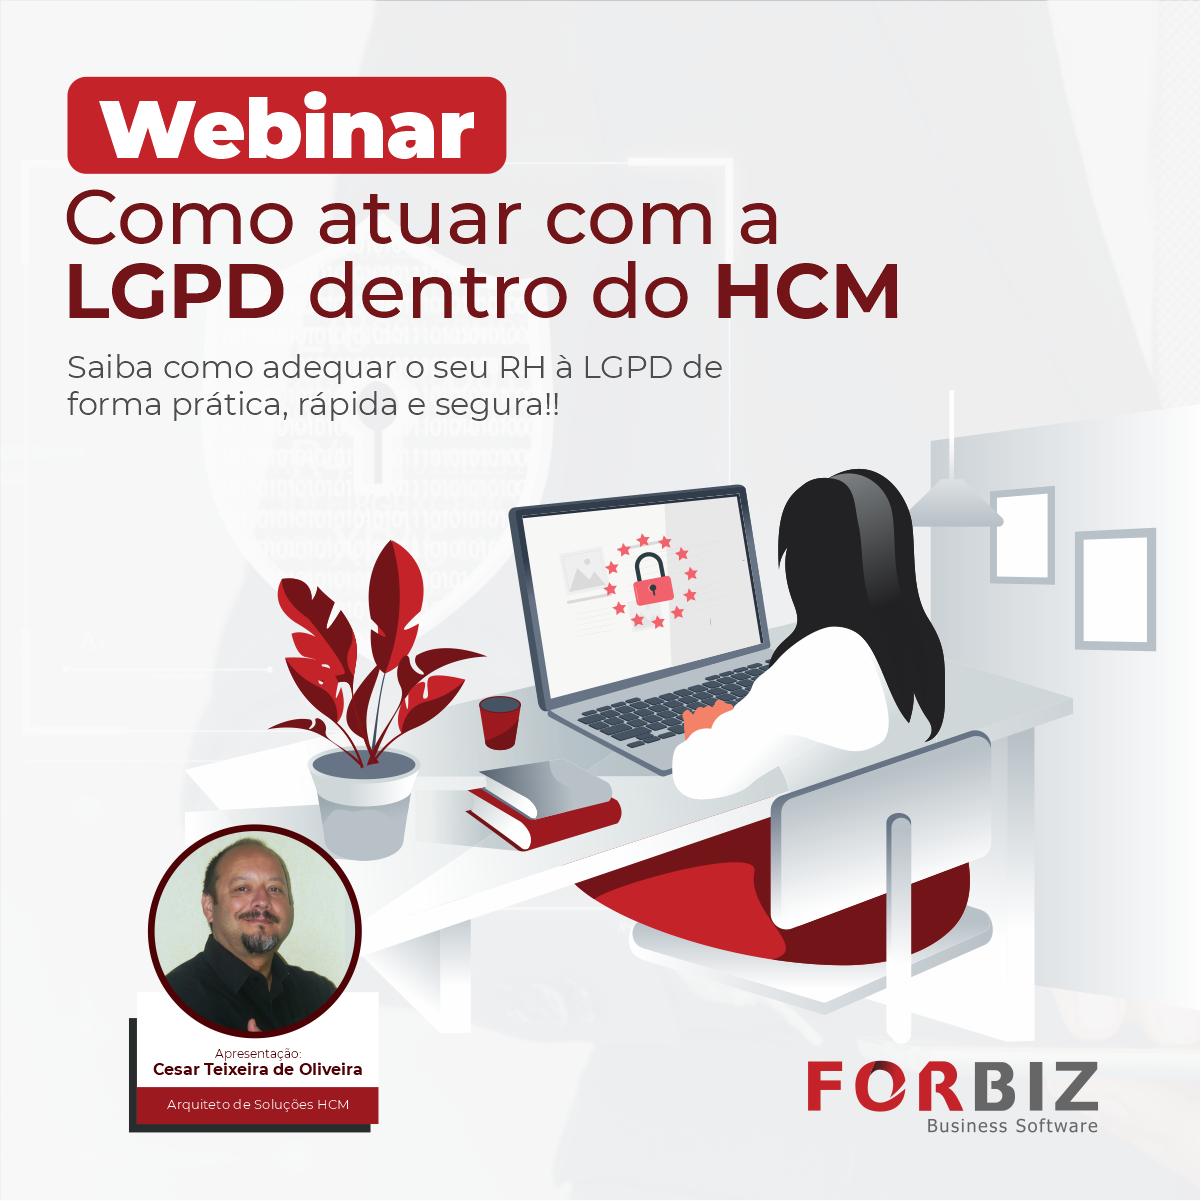 https://forbiz.com.br/webinar-como-atuar-com-a-lgpd-dentro-do-hcm